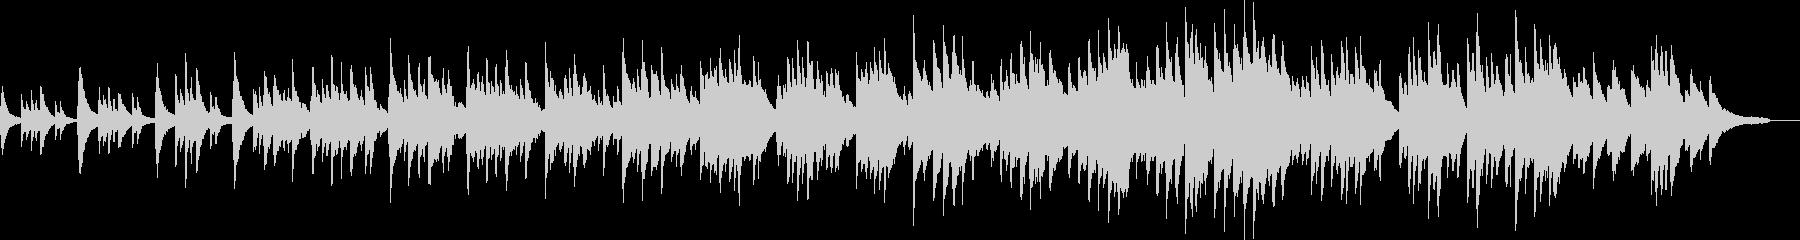 感動的なシーンに適したピアノソロ曲の未再生の波形